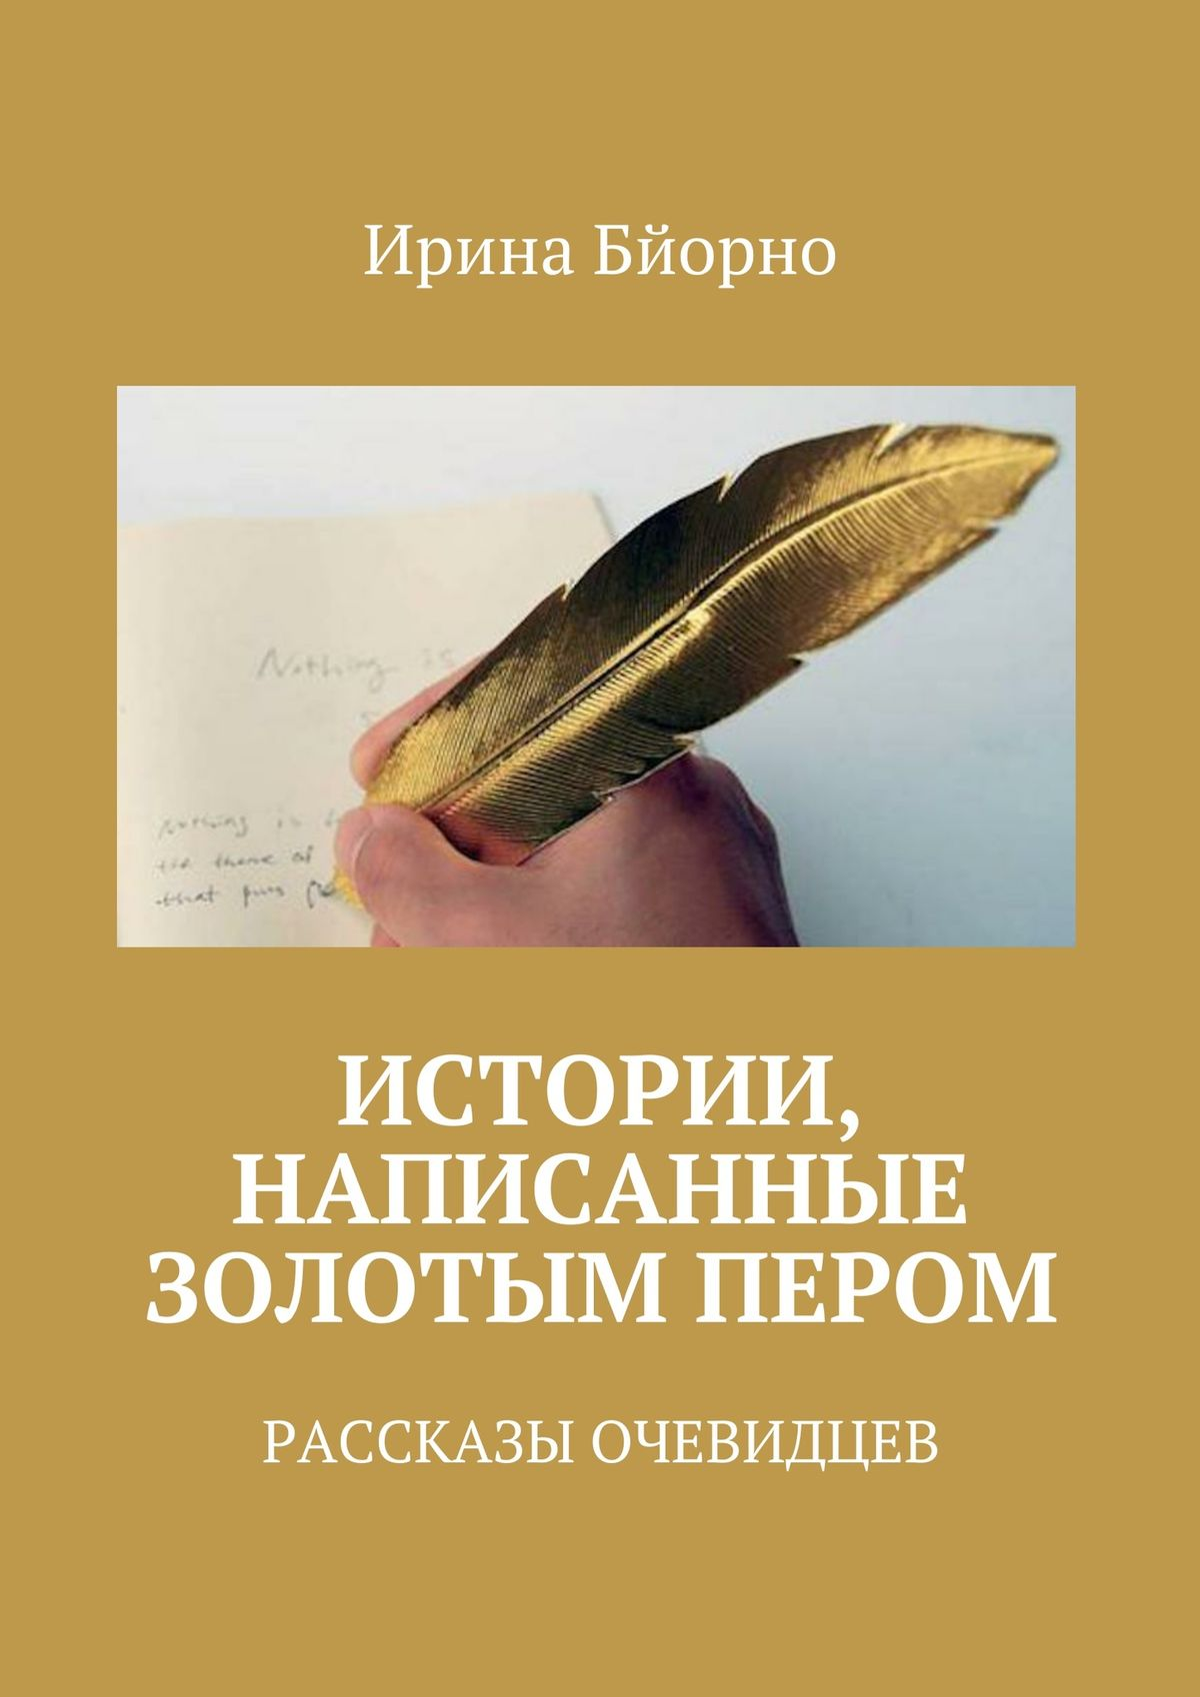 Истории, написанные золотым пером. Рассказы очевидцев